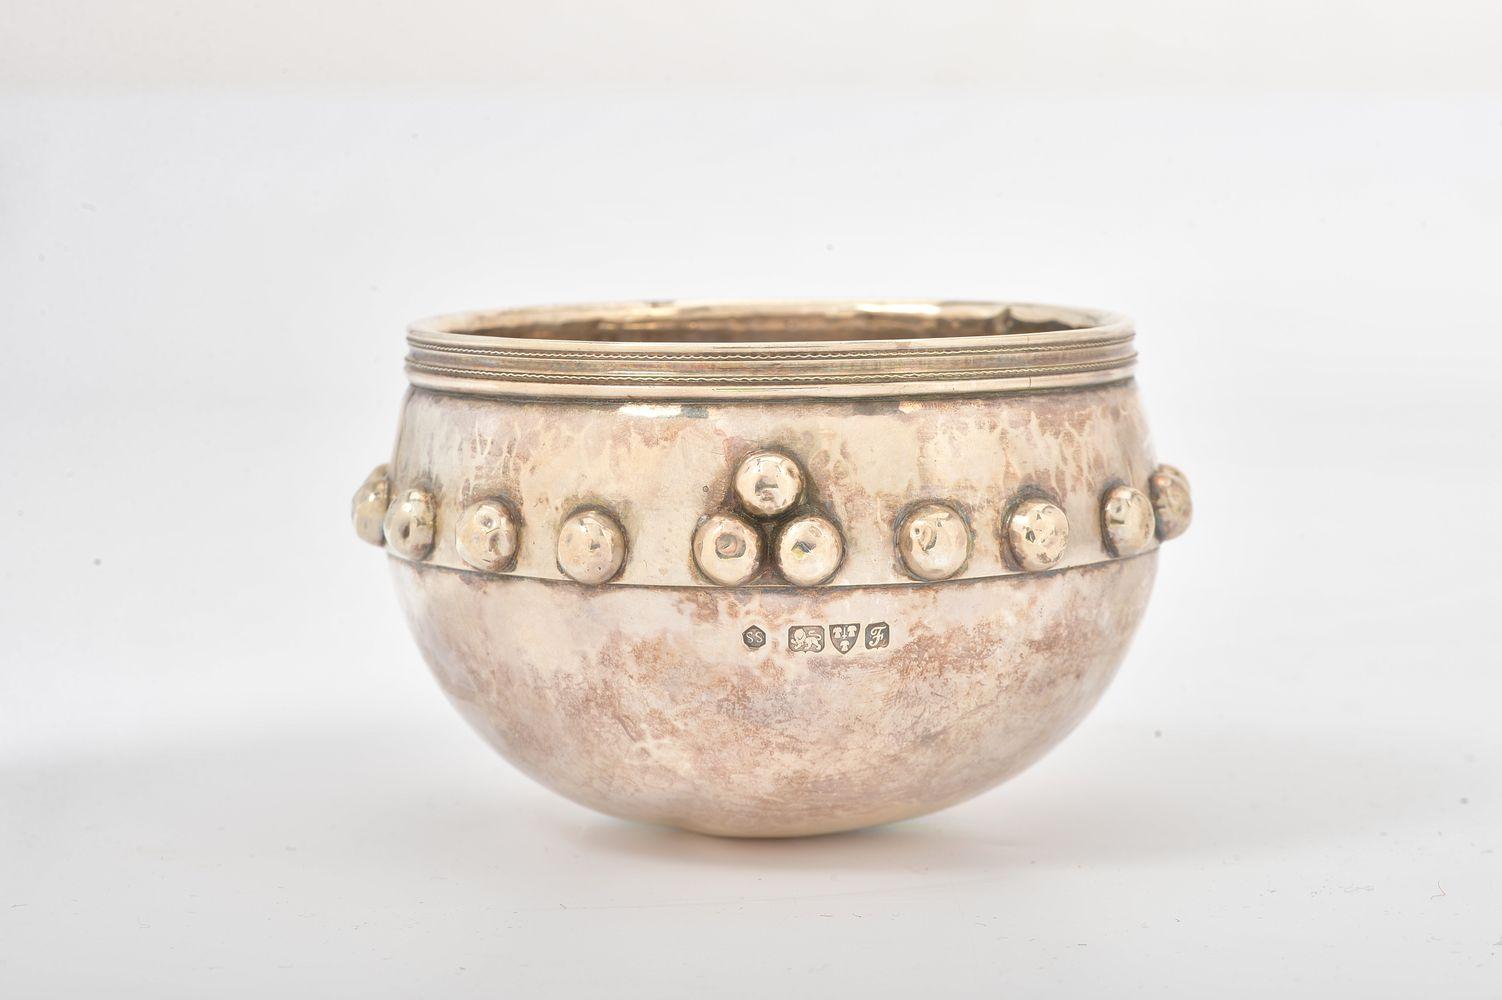 A silver replica of the Glastonbury Bowl